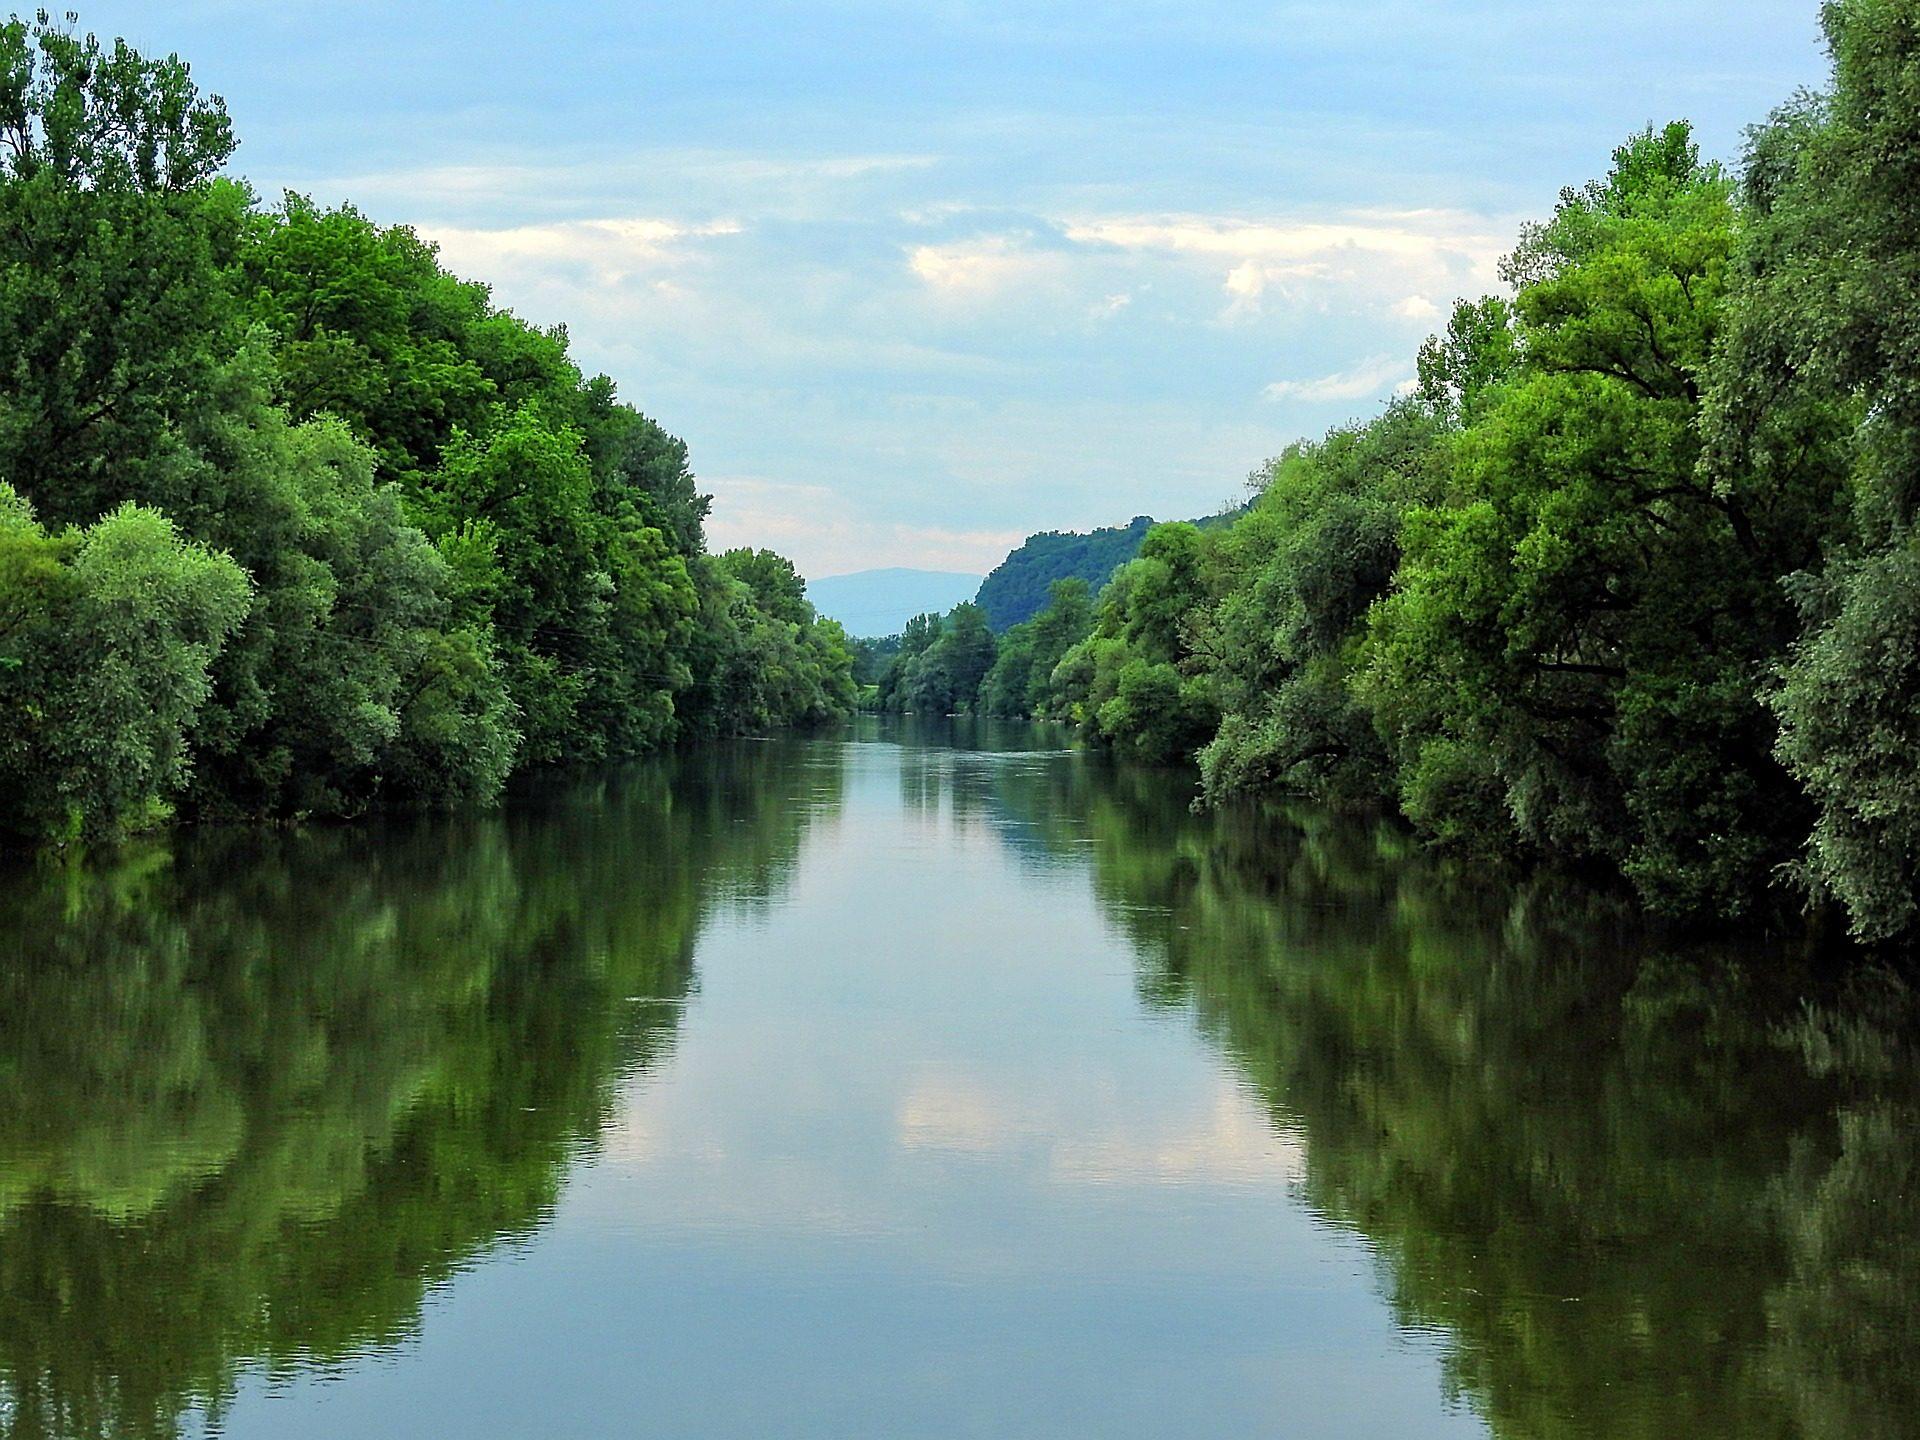 河, 树木, 平静, 宁静, Mur, 施蒂利亚州 - 高清壁纸 - 教授-falken.com